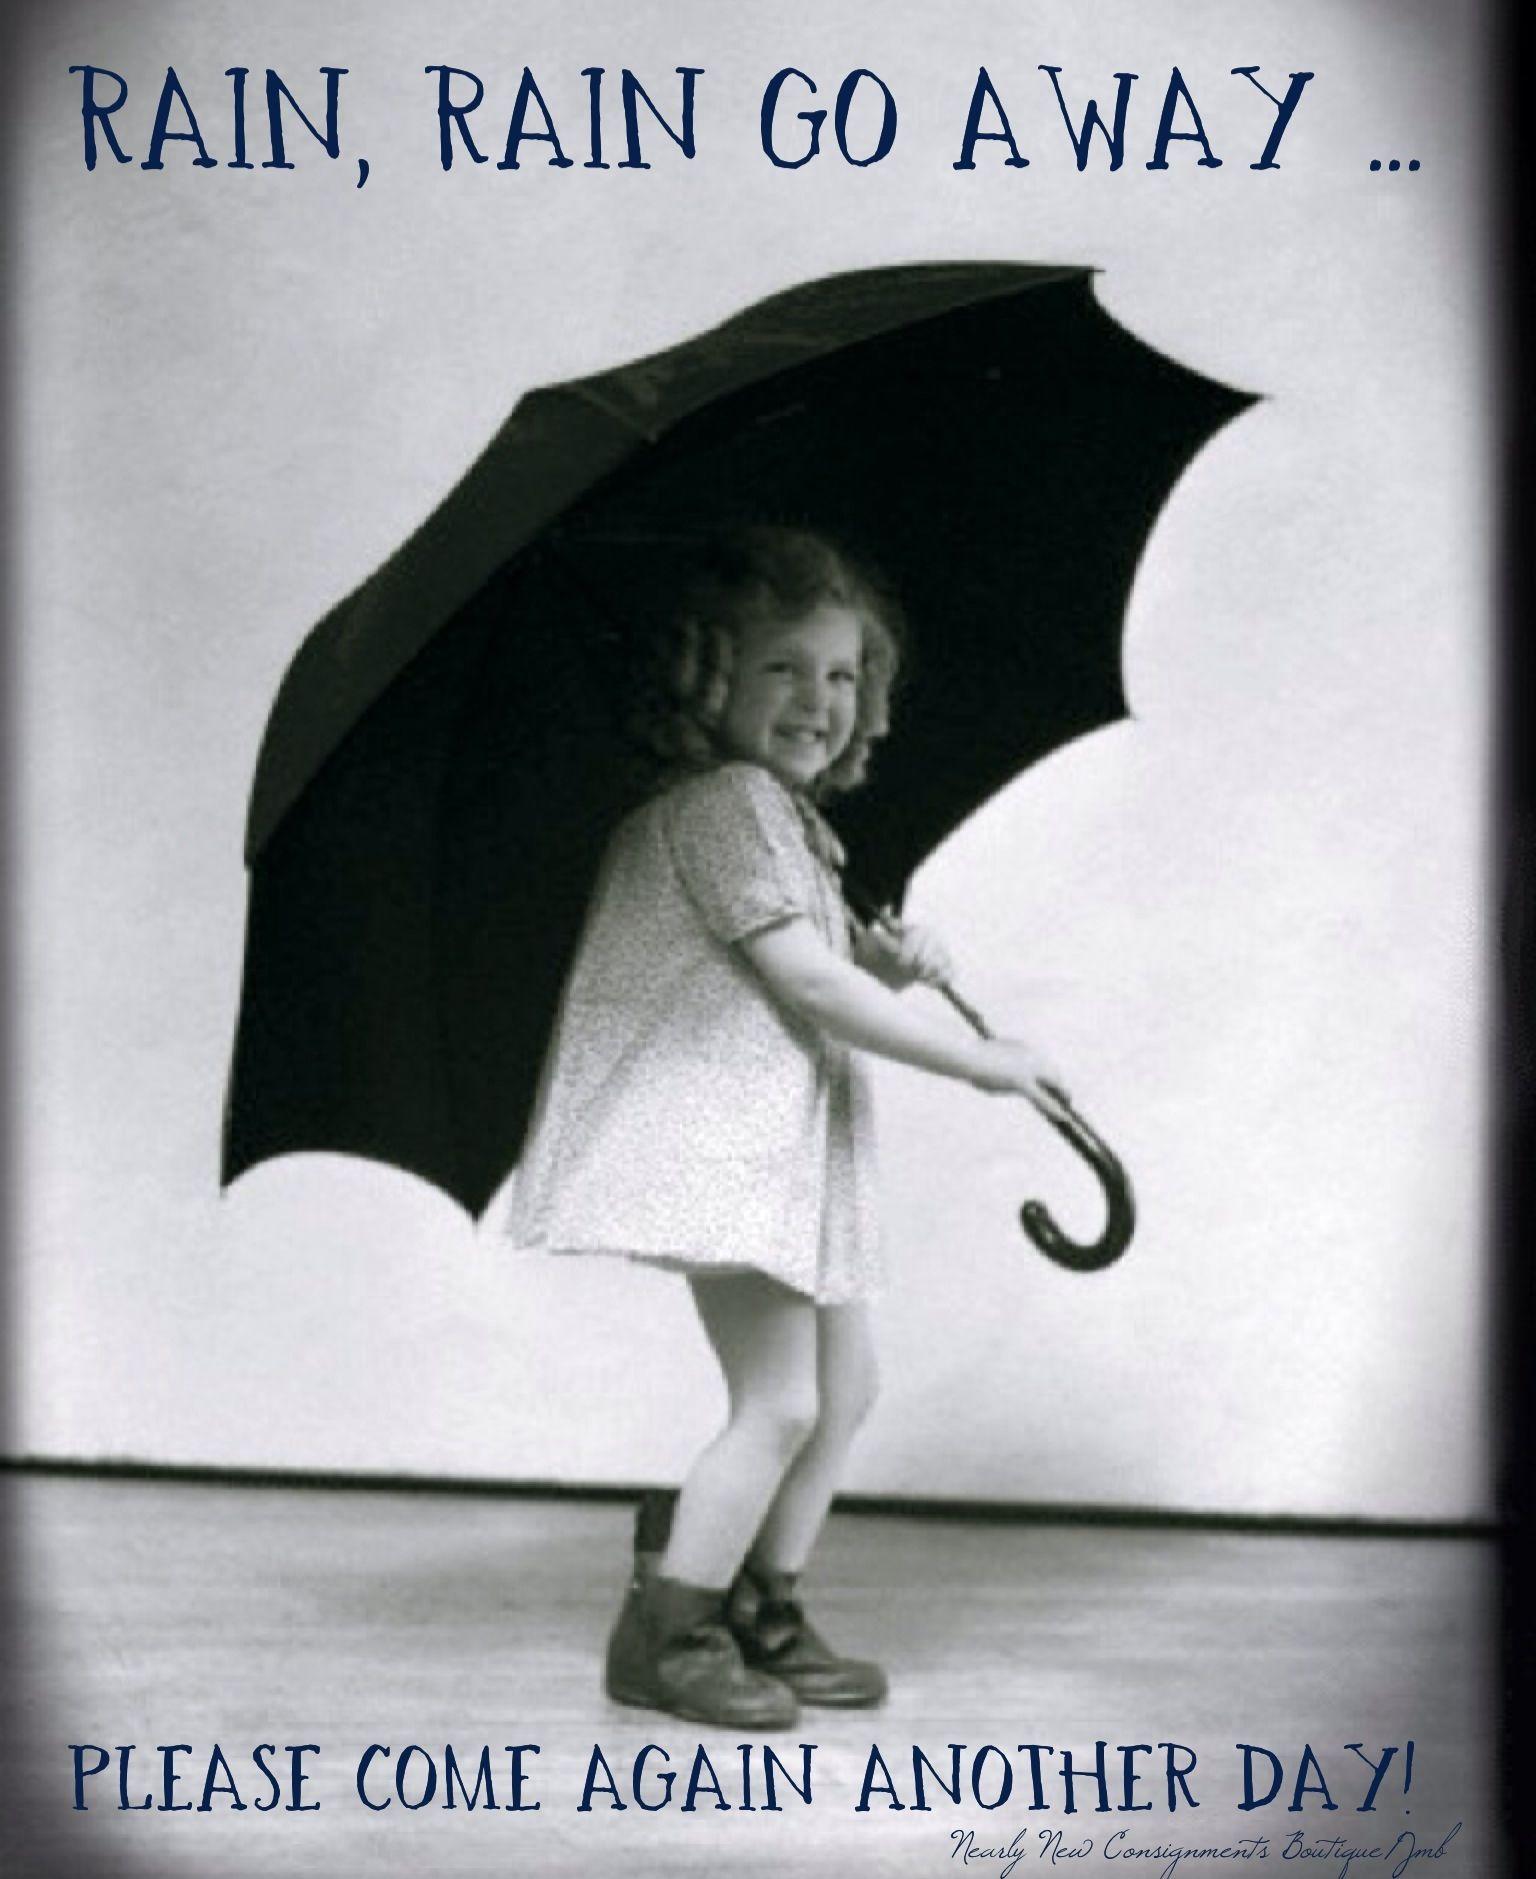 Rainy Day Rain Rain Go Away Please Come Again